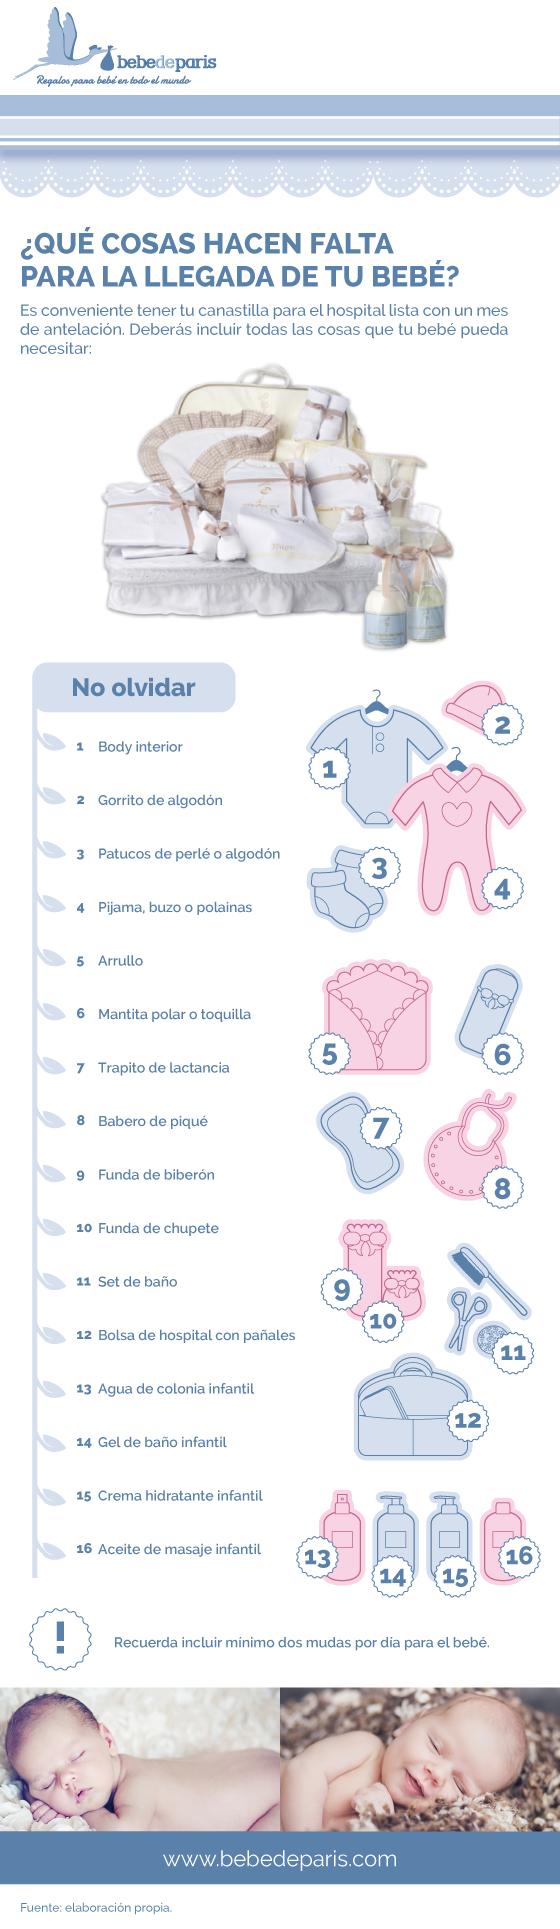 La Primera Canastilla Del Bebe Bebe Lista Bebe Llegada De Bebe